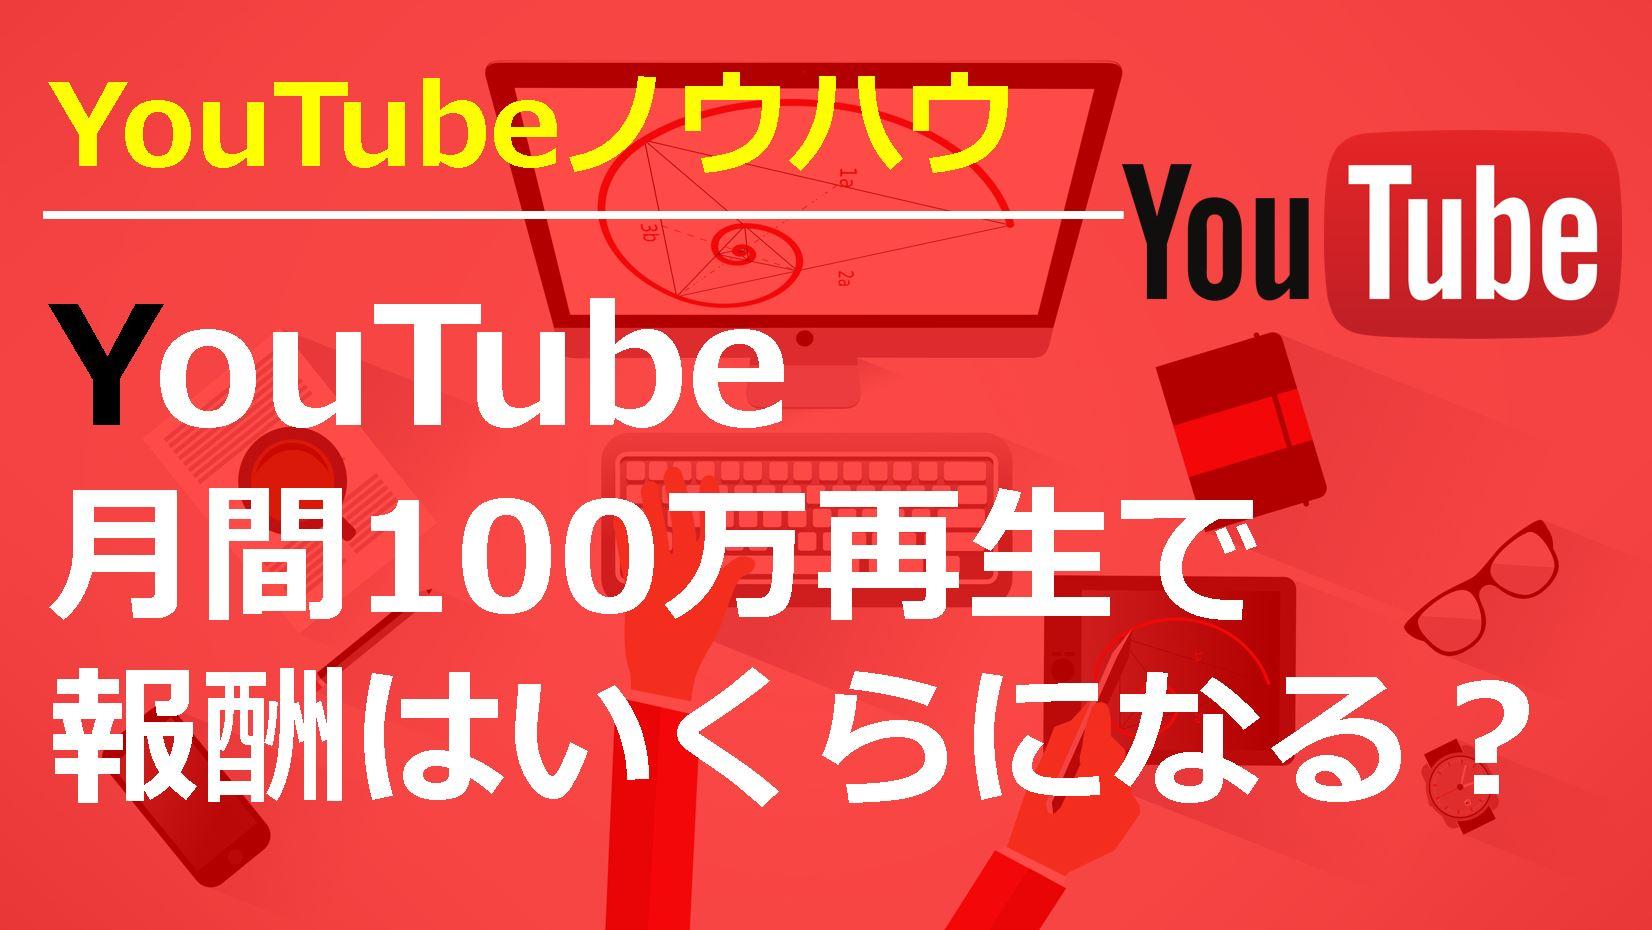 YouTubeで月100万回再生されると収益はいくらになるのか